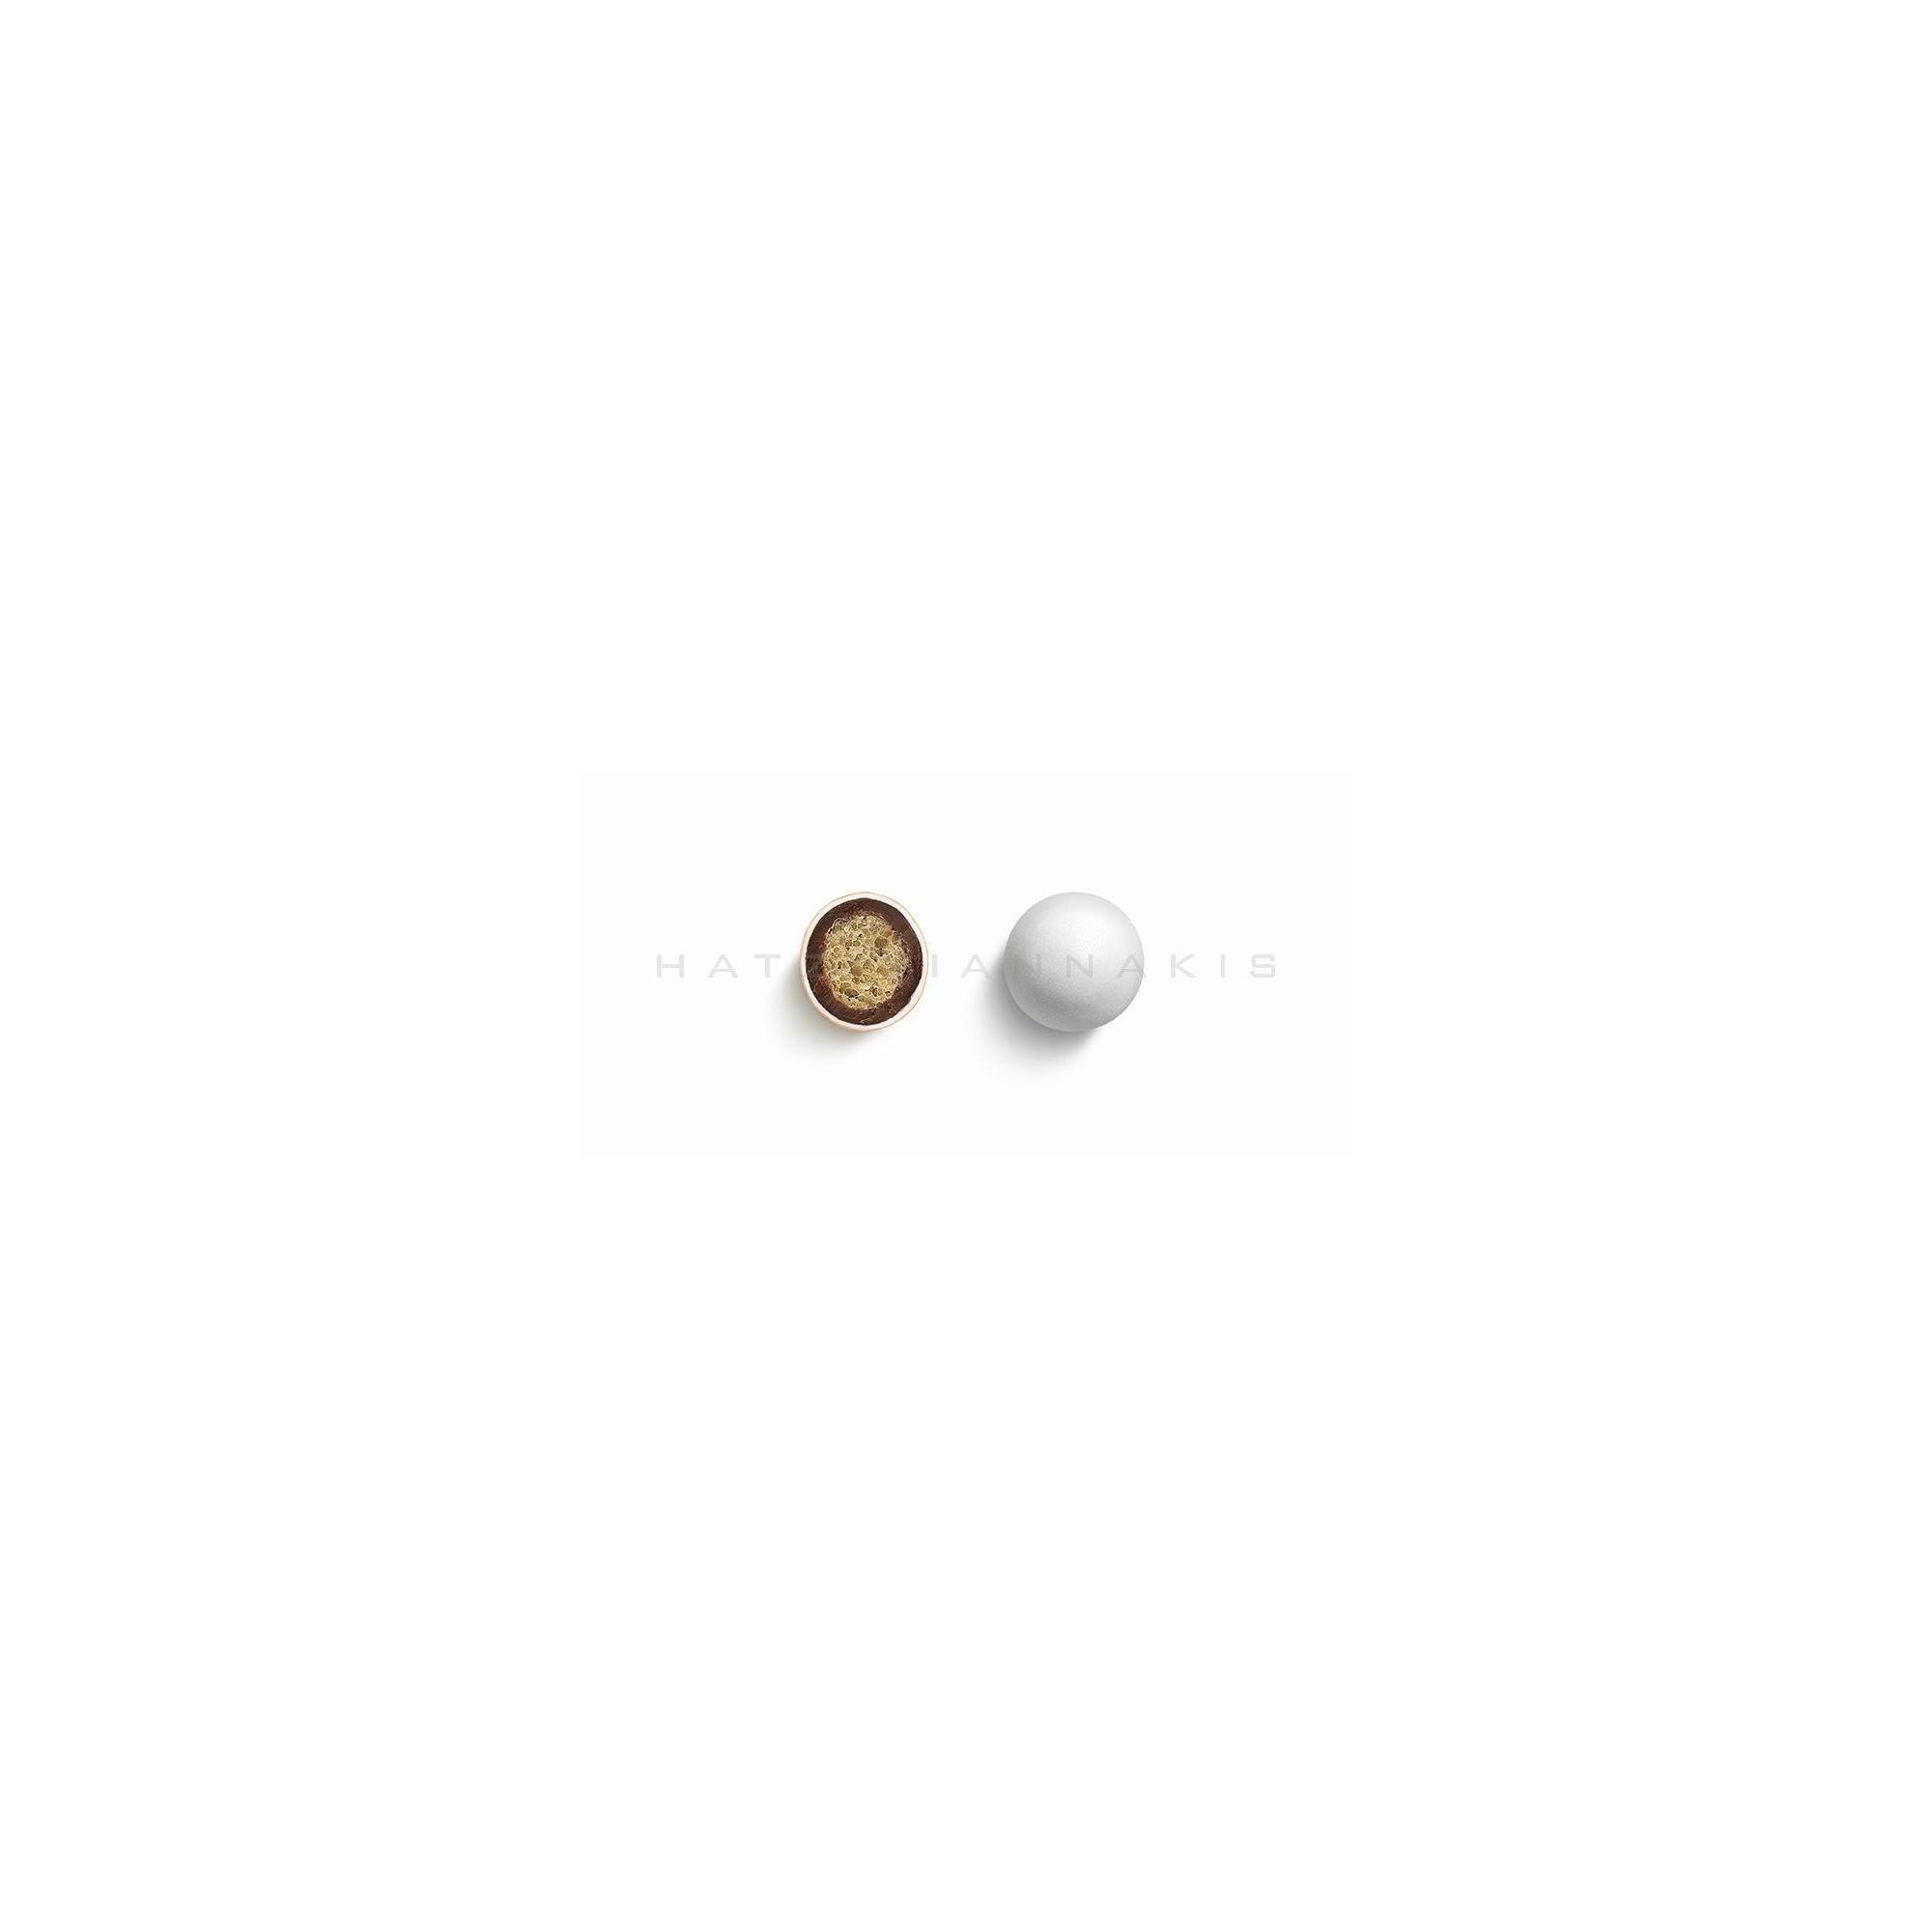 Κουφέτο Crispy Περλέ (3kg) - LWG-X1903-3